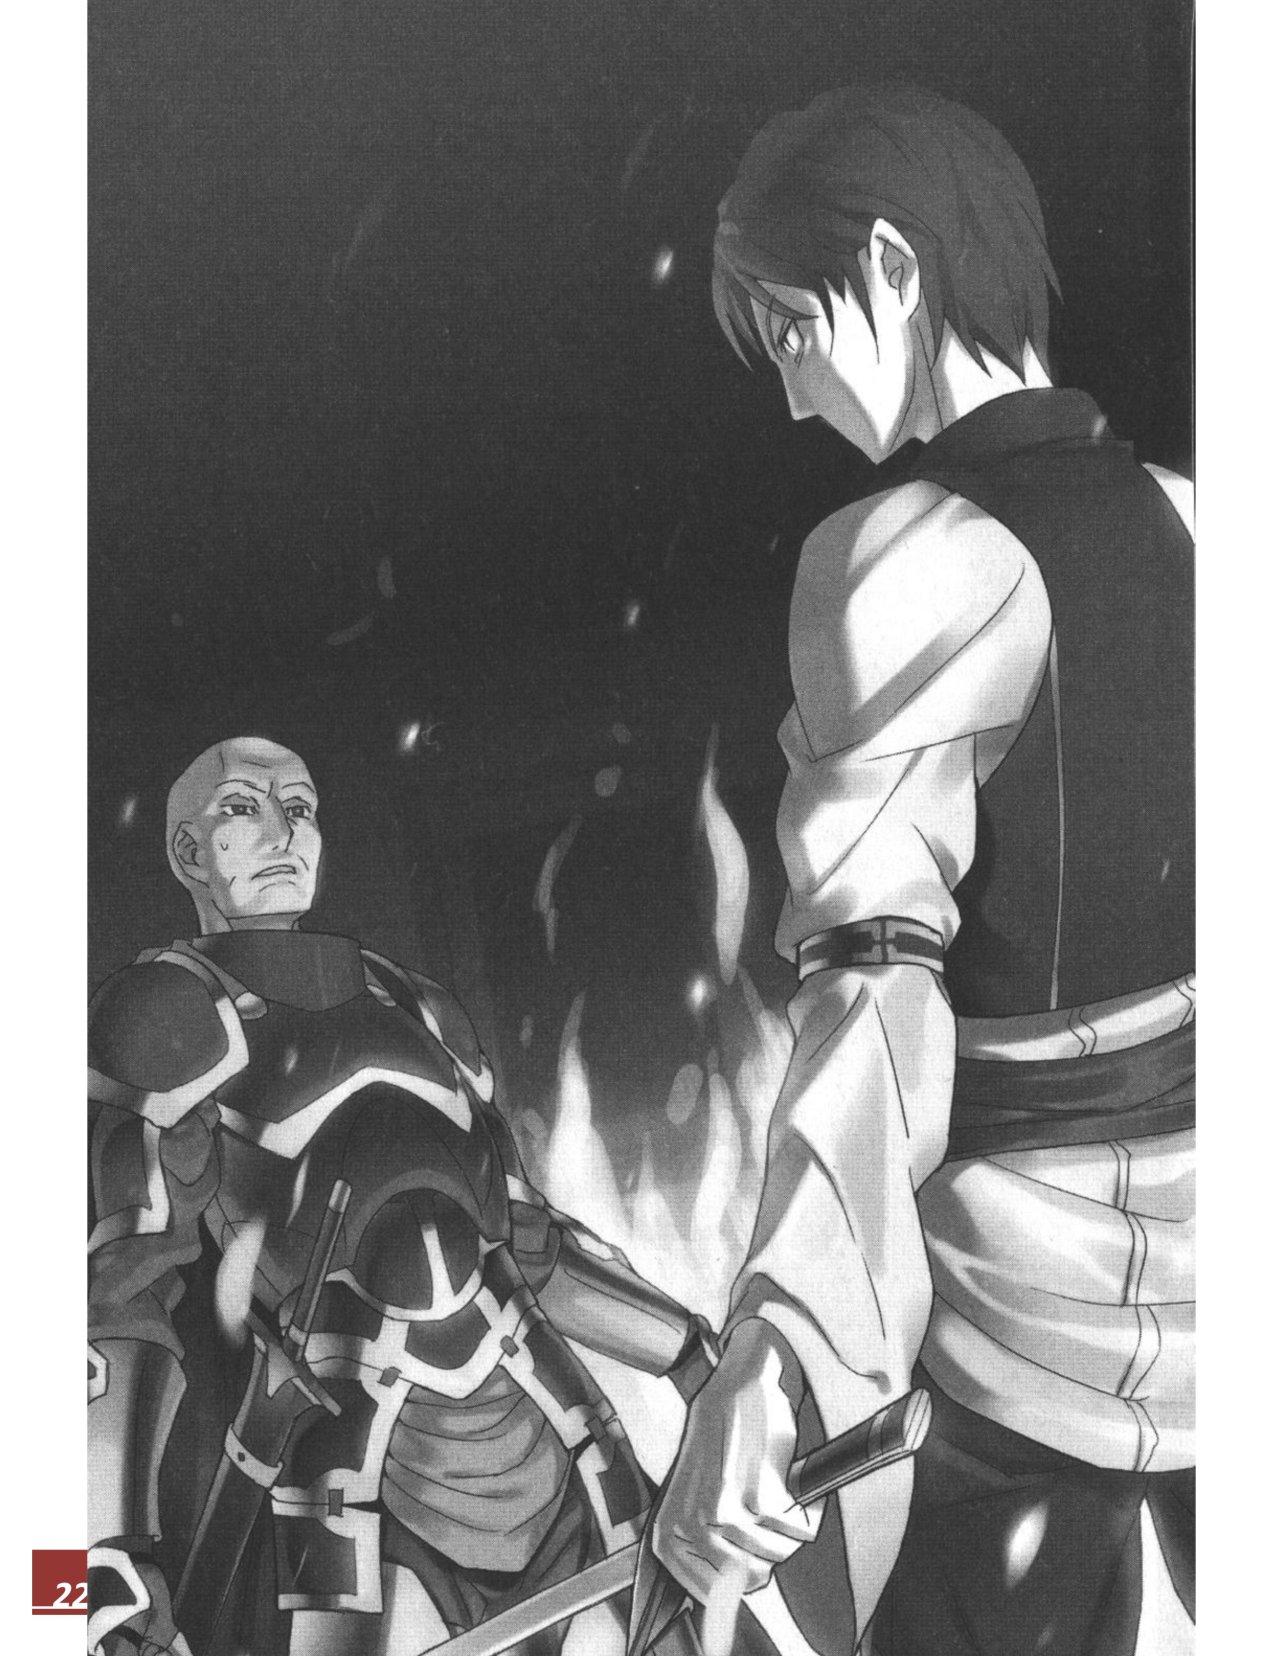 https://c10.mangatag.com/es_manga/pic5/22/25558/779891/92b0605fa6bbad929f59797ab8db168f.jpg Page 22